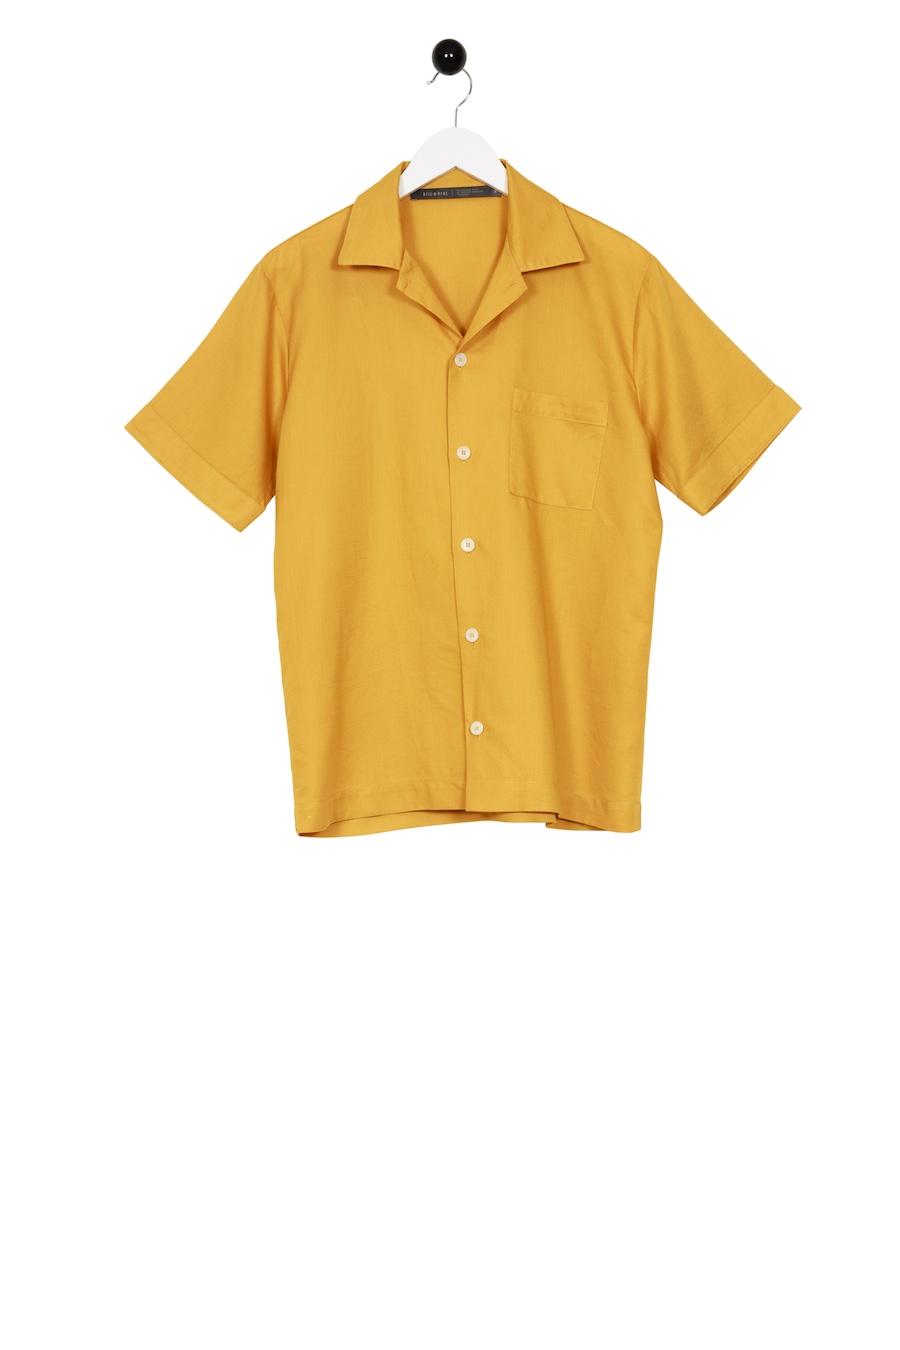 Malapolskin Shirt S S